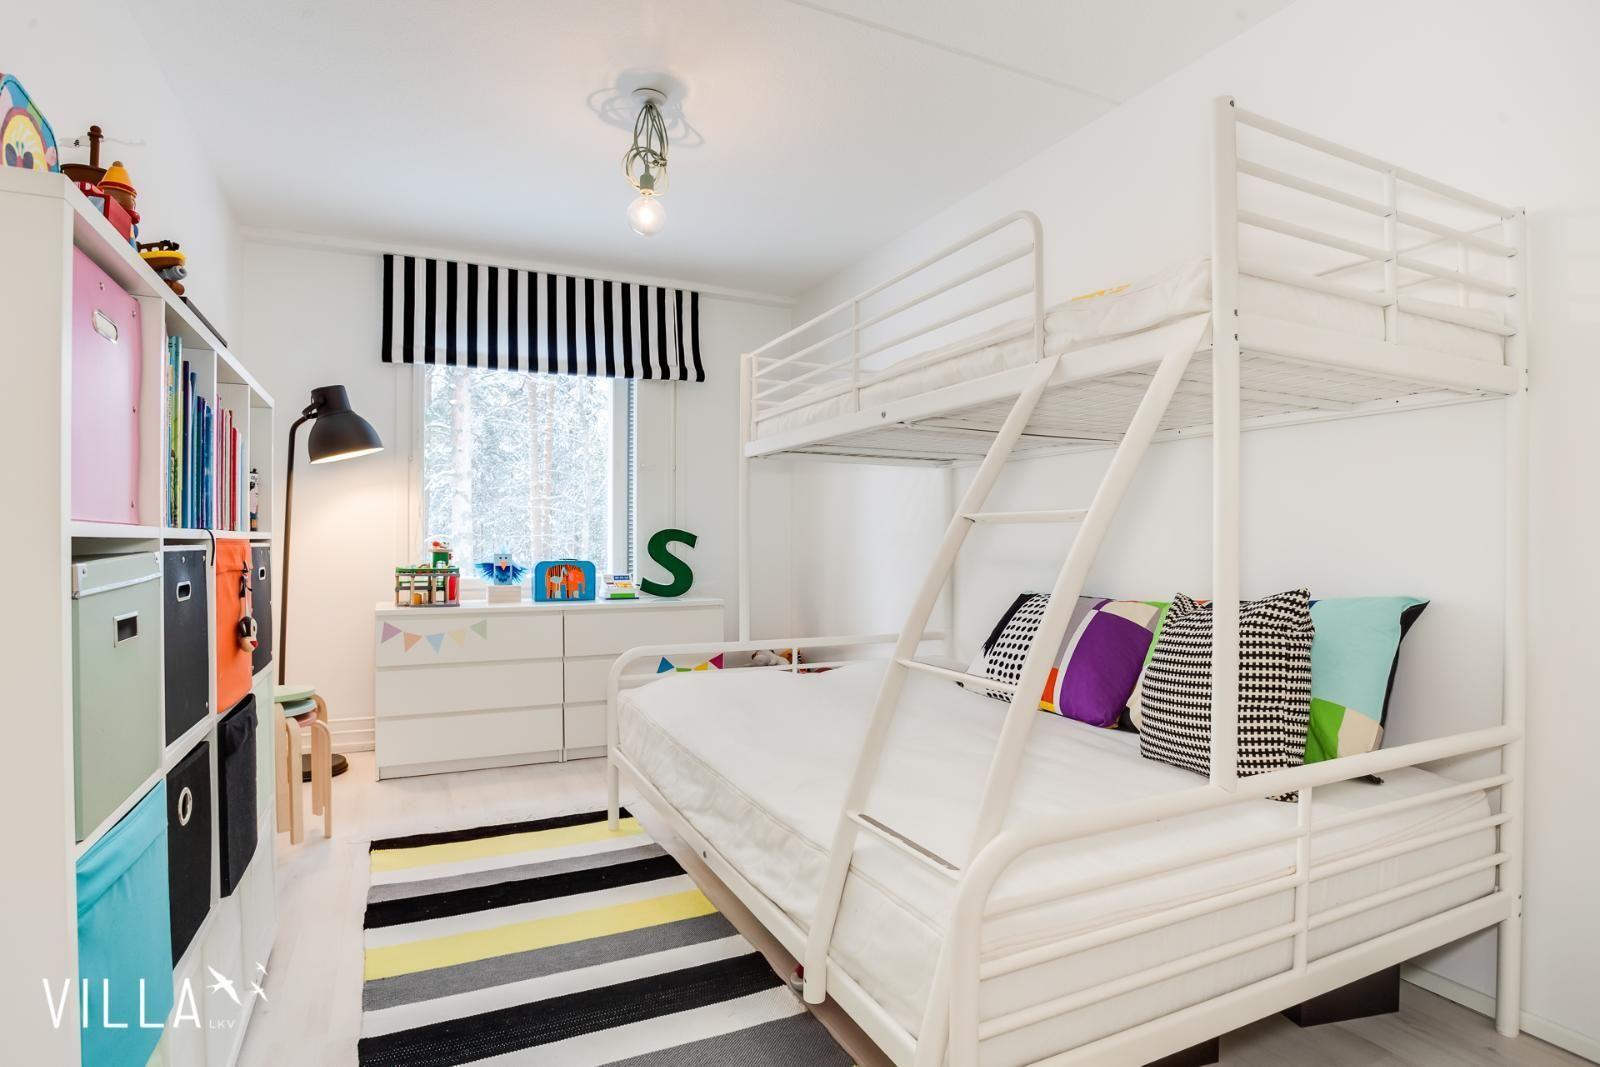 Lastenhuoneen raikas tunnelma on luotu selkeälinjaisilla huonekaluilla ja värikkäillä, graafisilla tekstiileillä. Klikkaa kuvaa, niin näet tarkemmat tiedot!